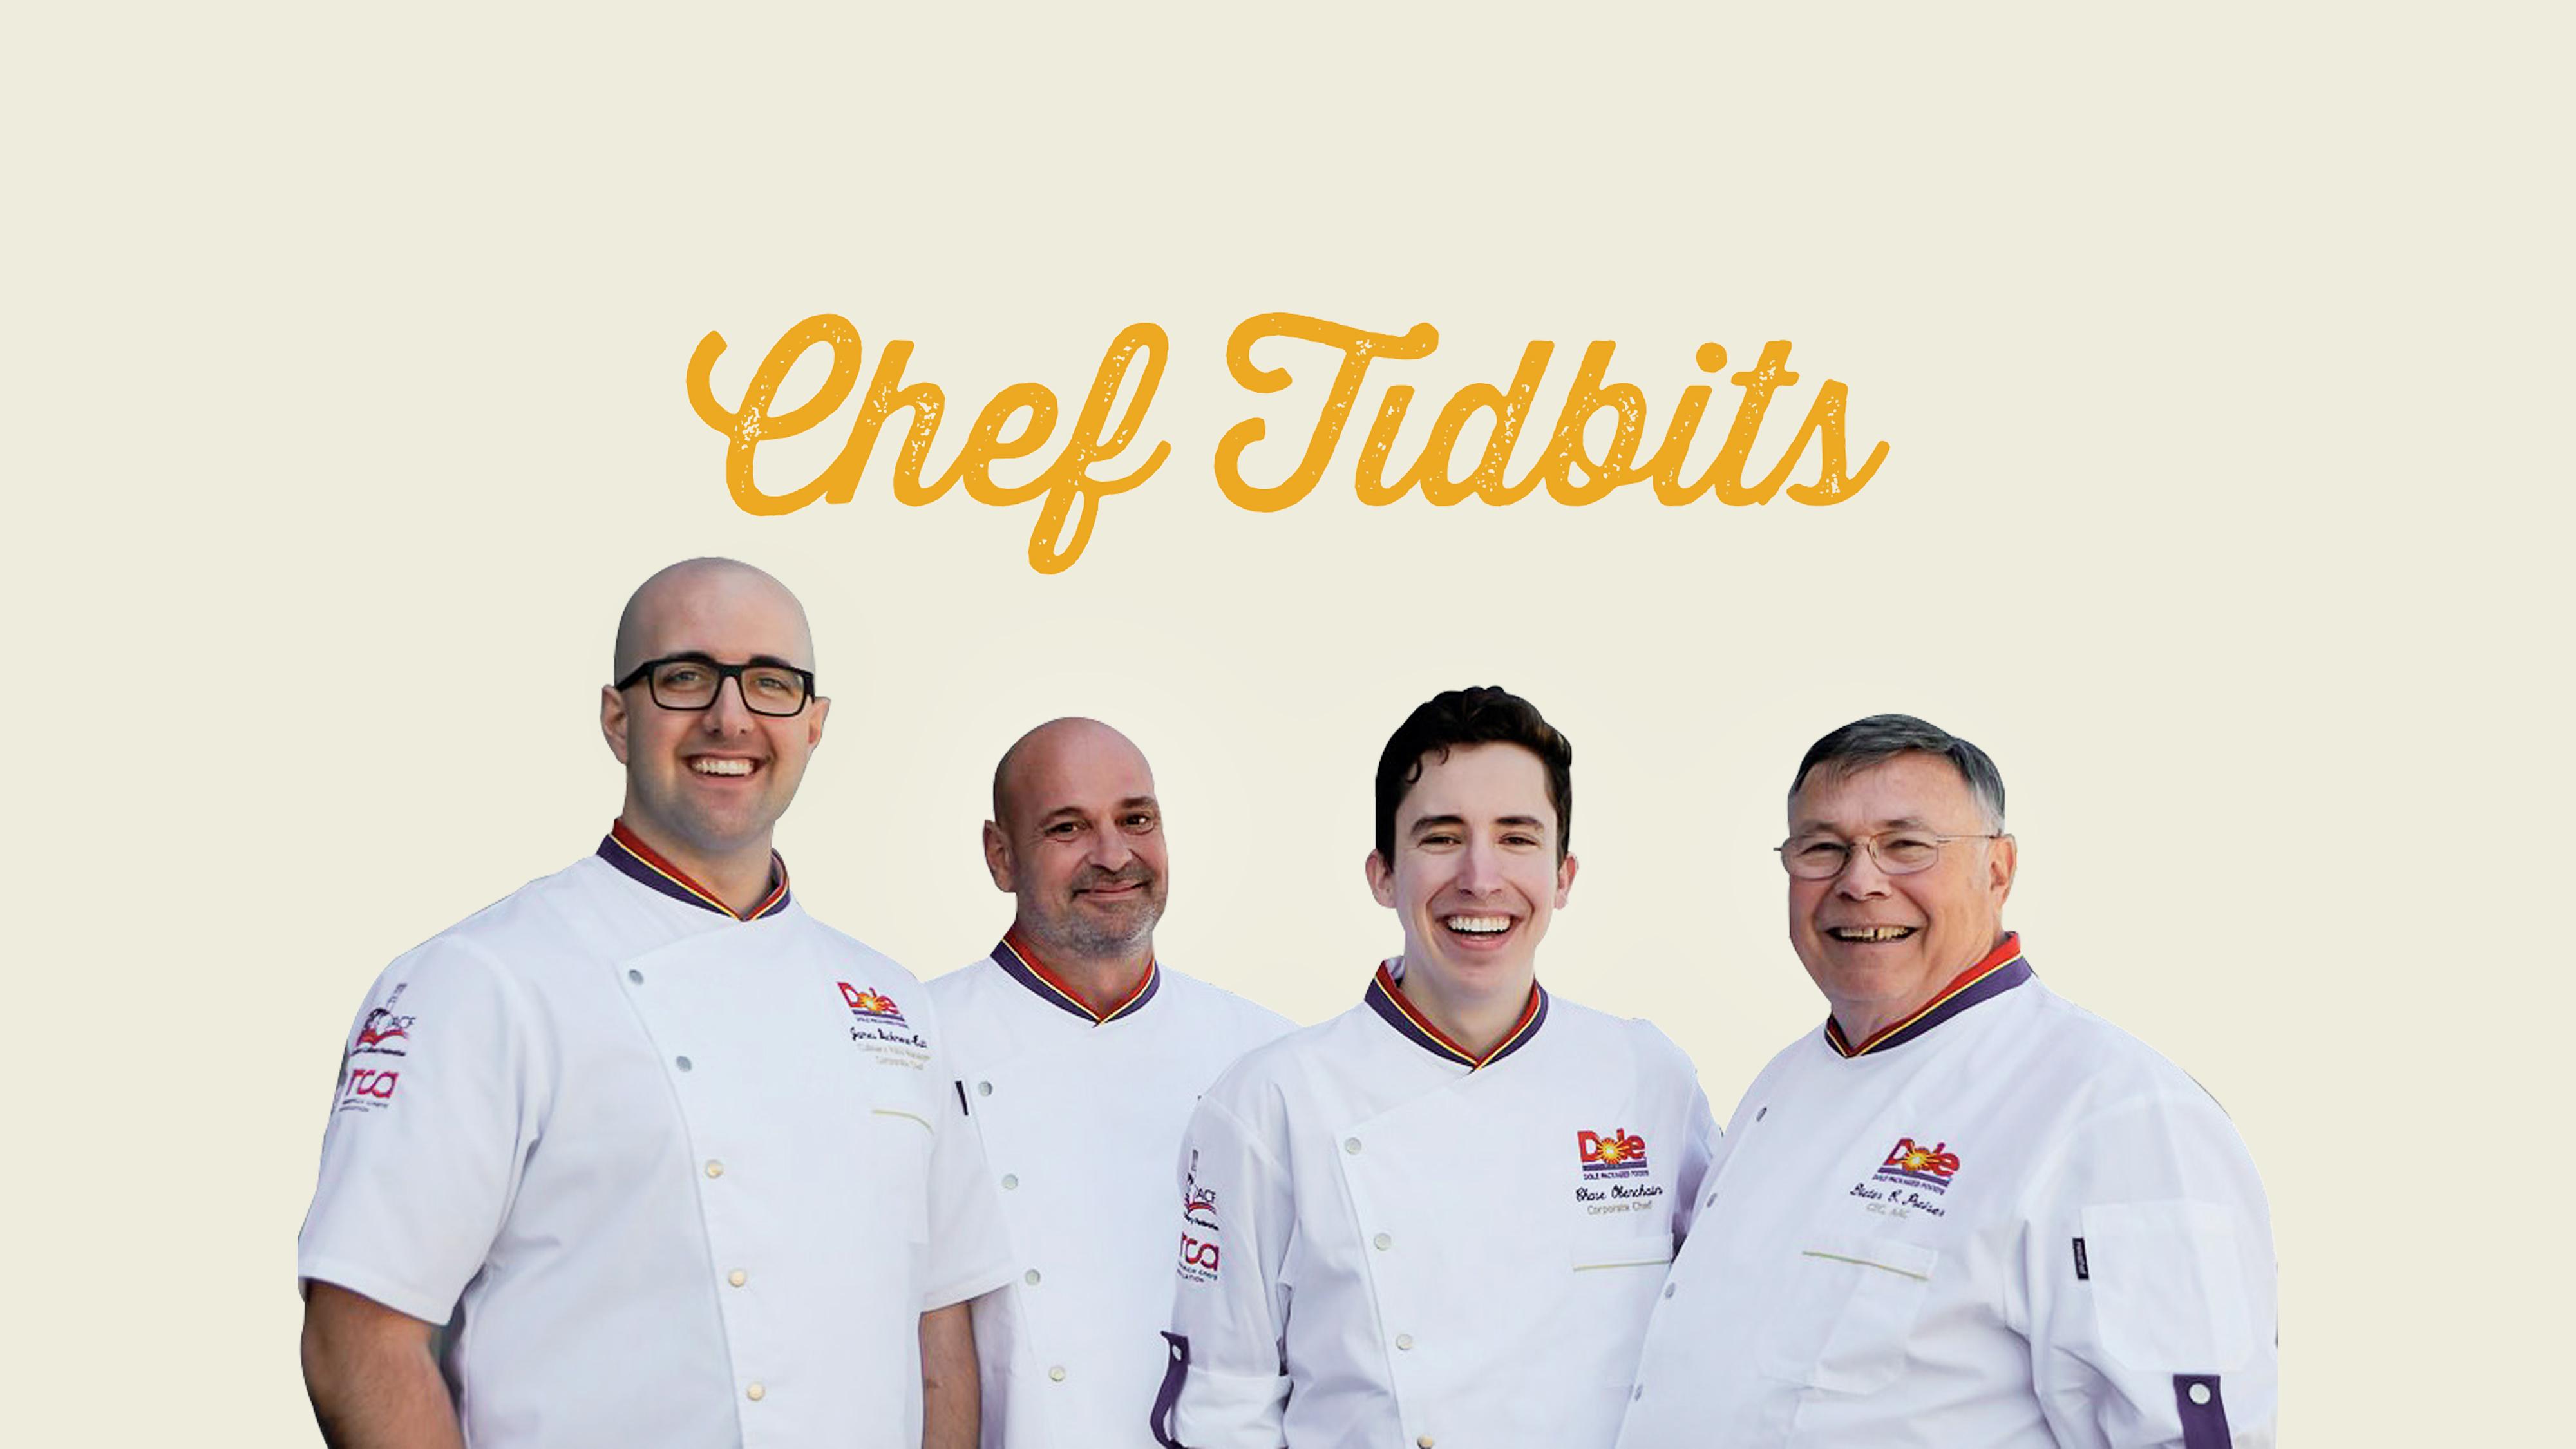 Chef Tidbits